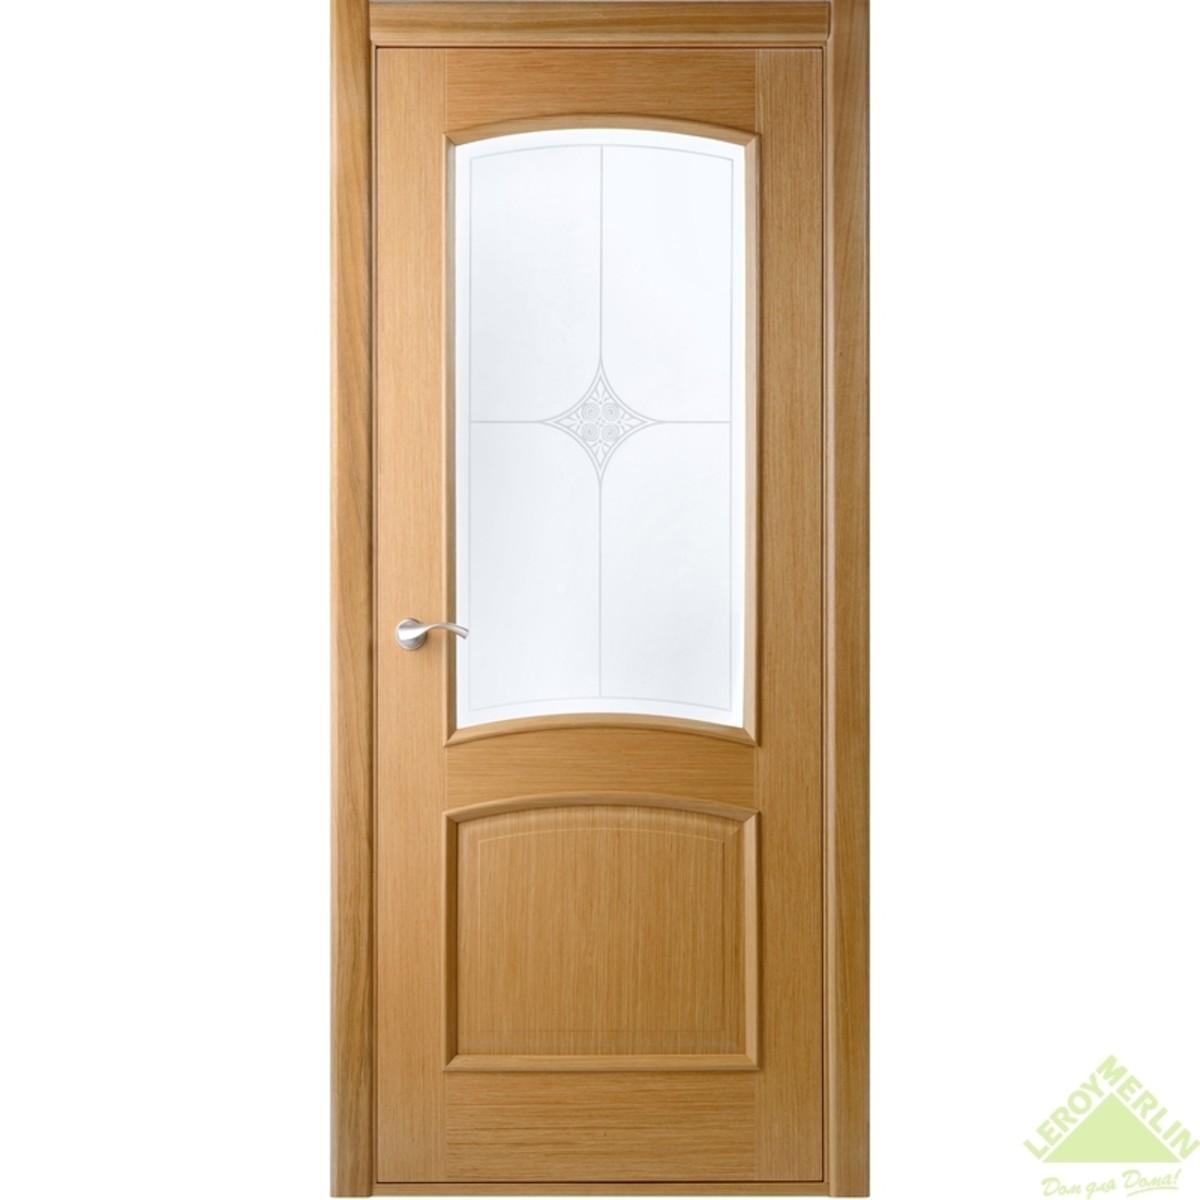 Полотно дверное остекленное Сорренто 2000x600 мм шпон дуб